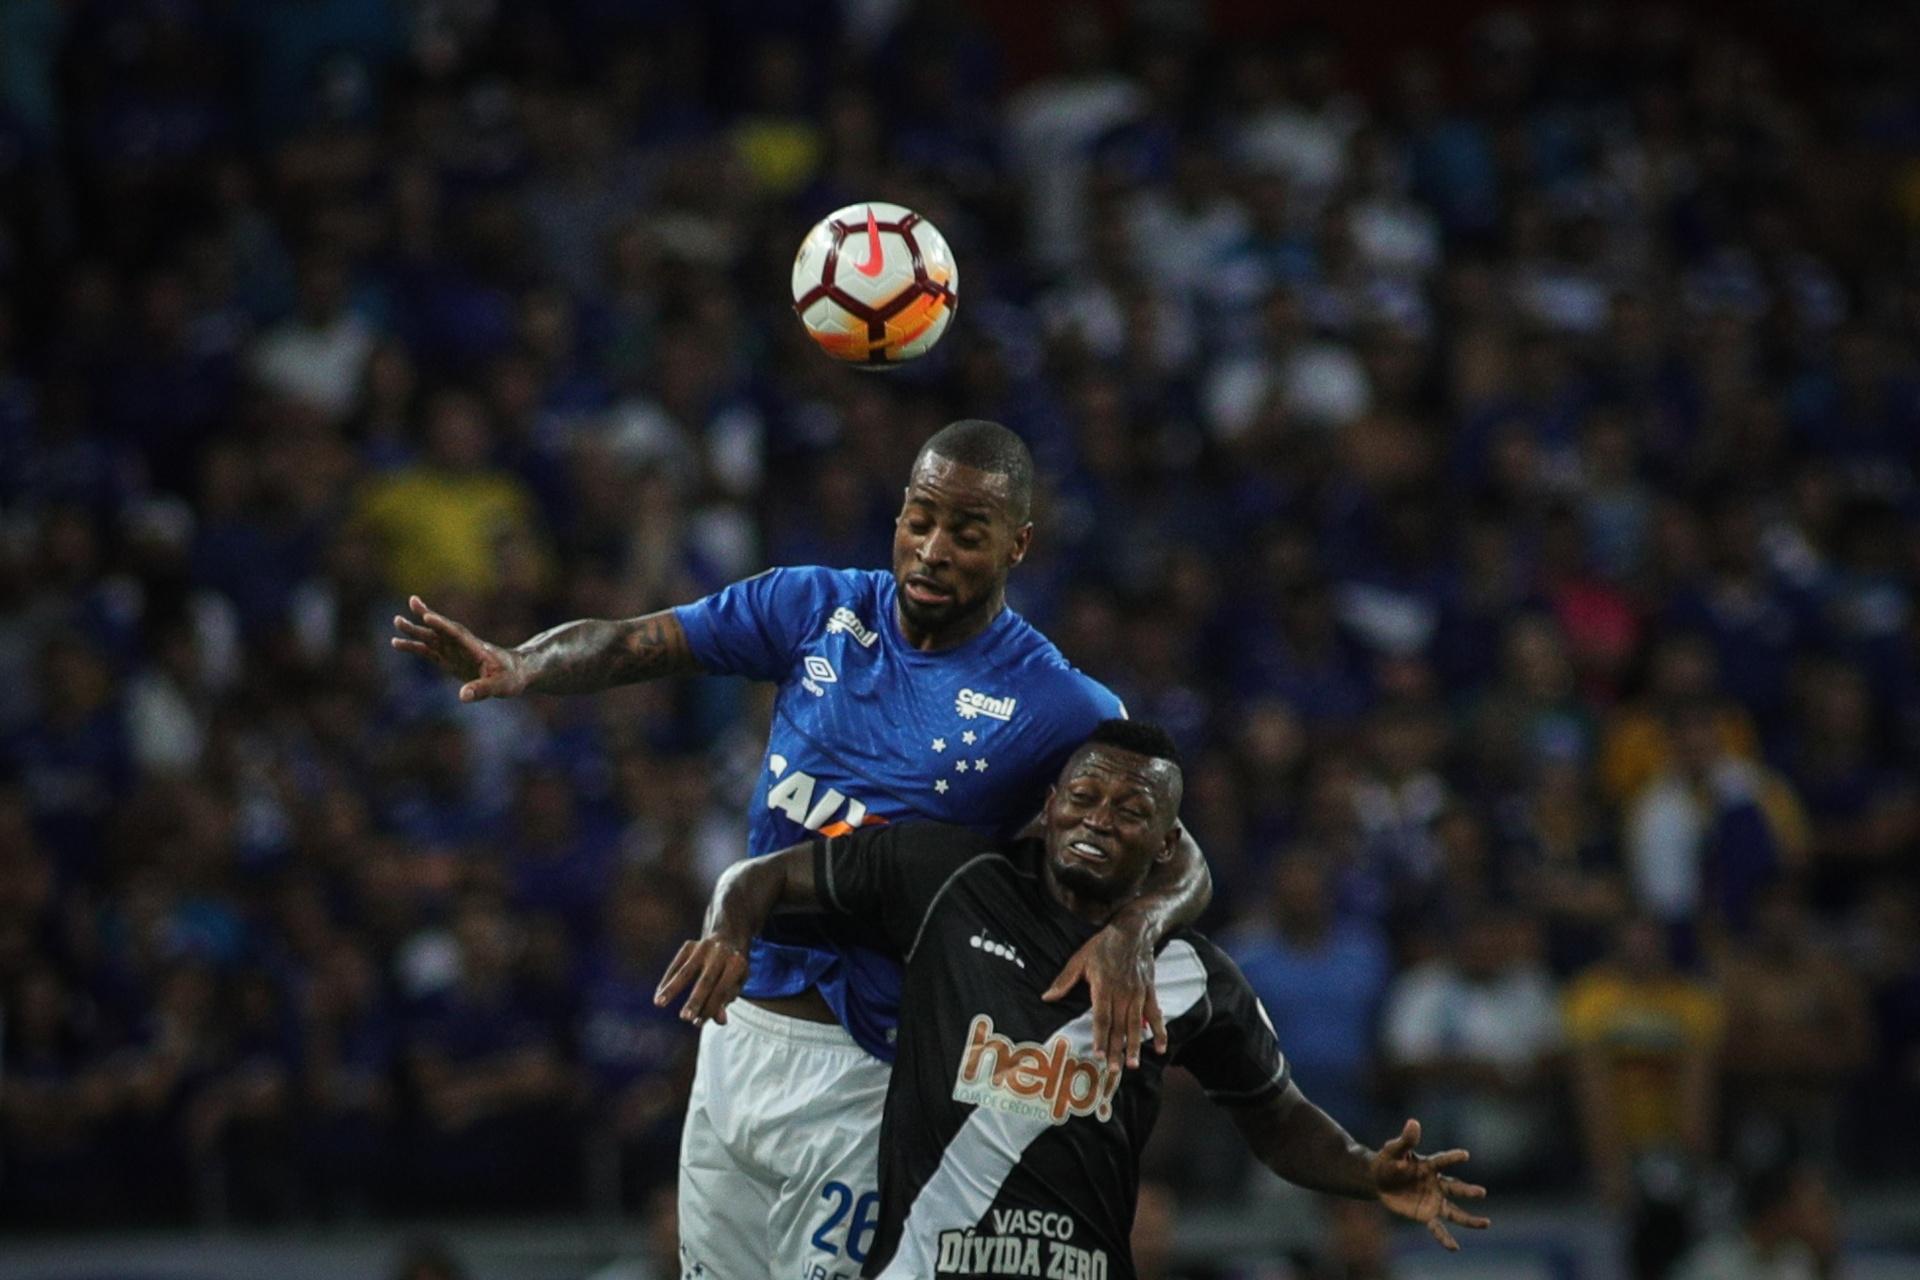 c545bf8619 Cruzeiro segue na lanterna do grupo e Dedé admite momento de pressão -  04 04 2018 - UOL Esporte